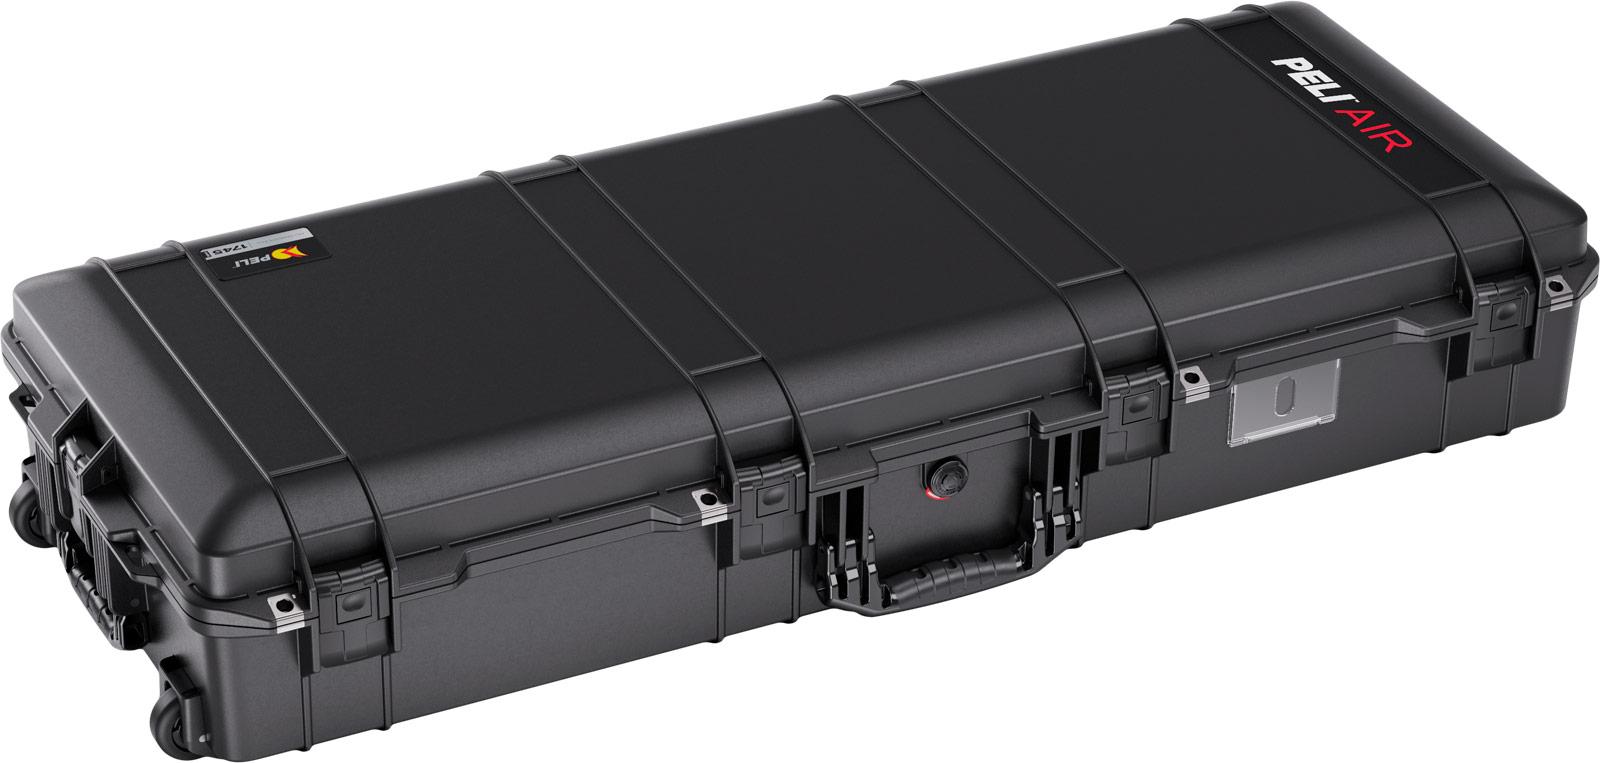 peli 1745 air case long air lightweight case